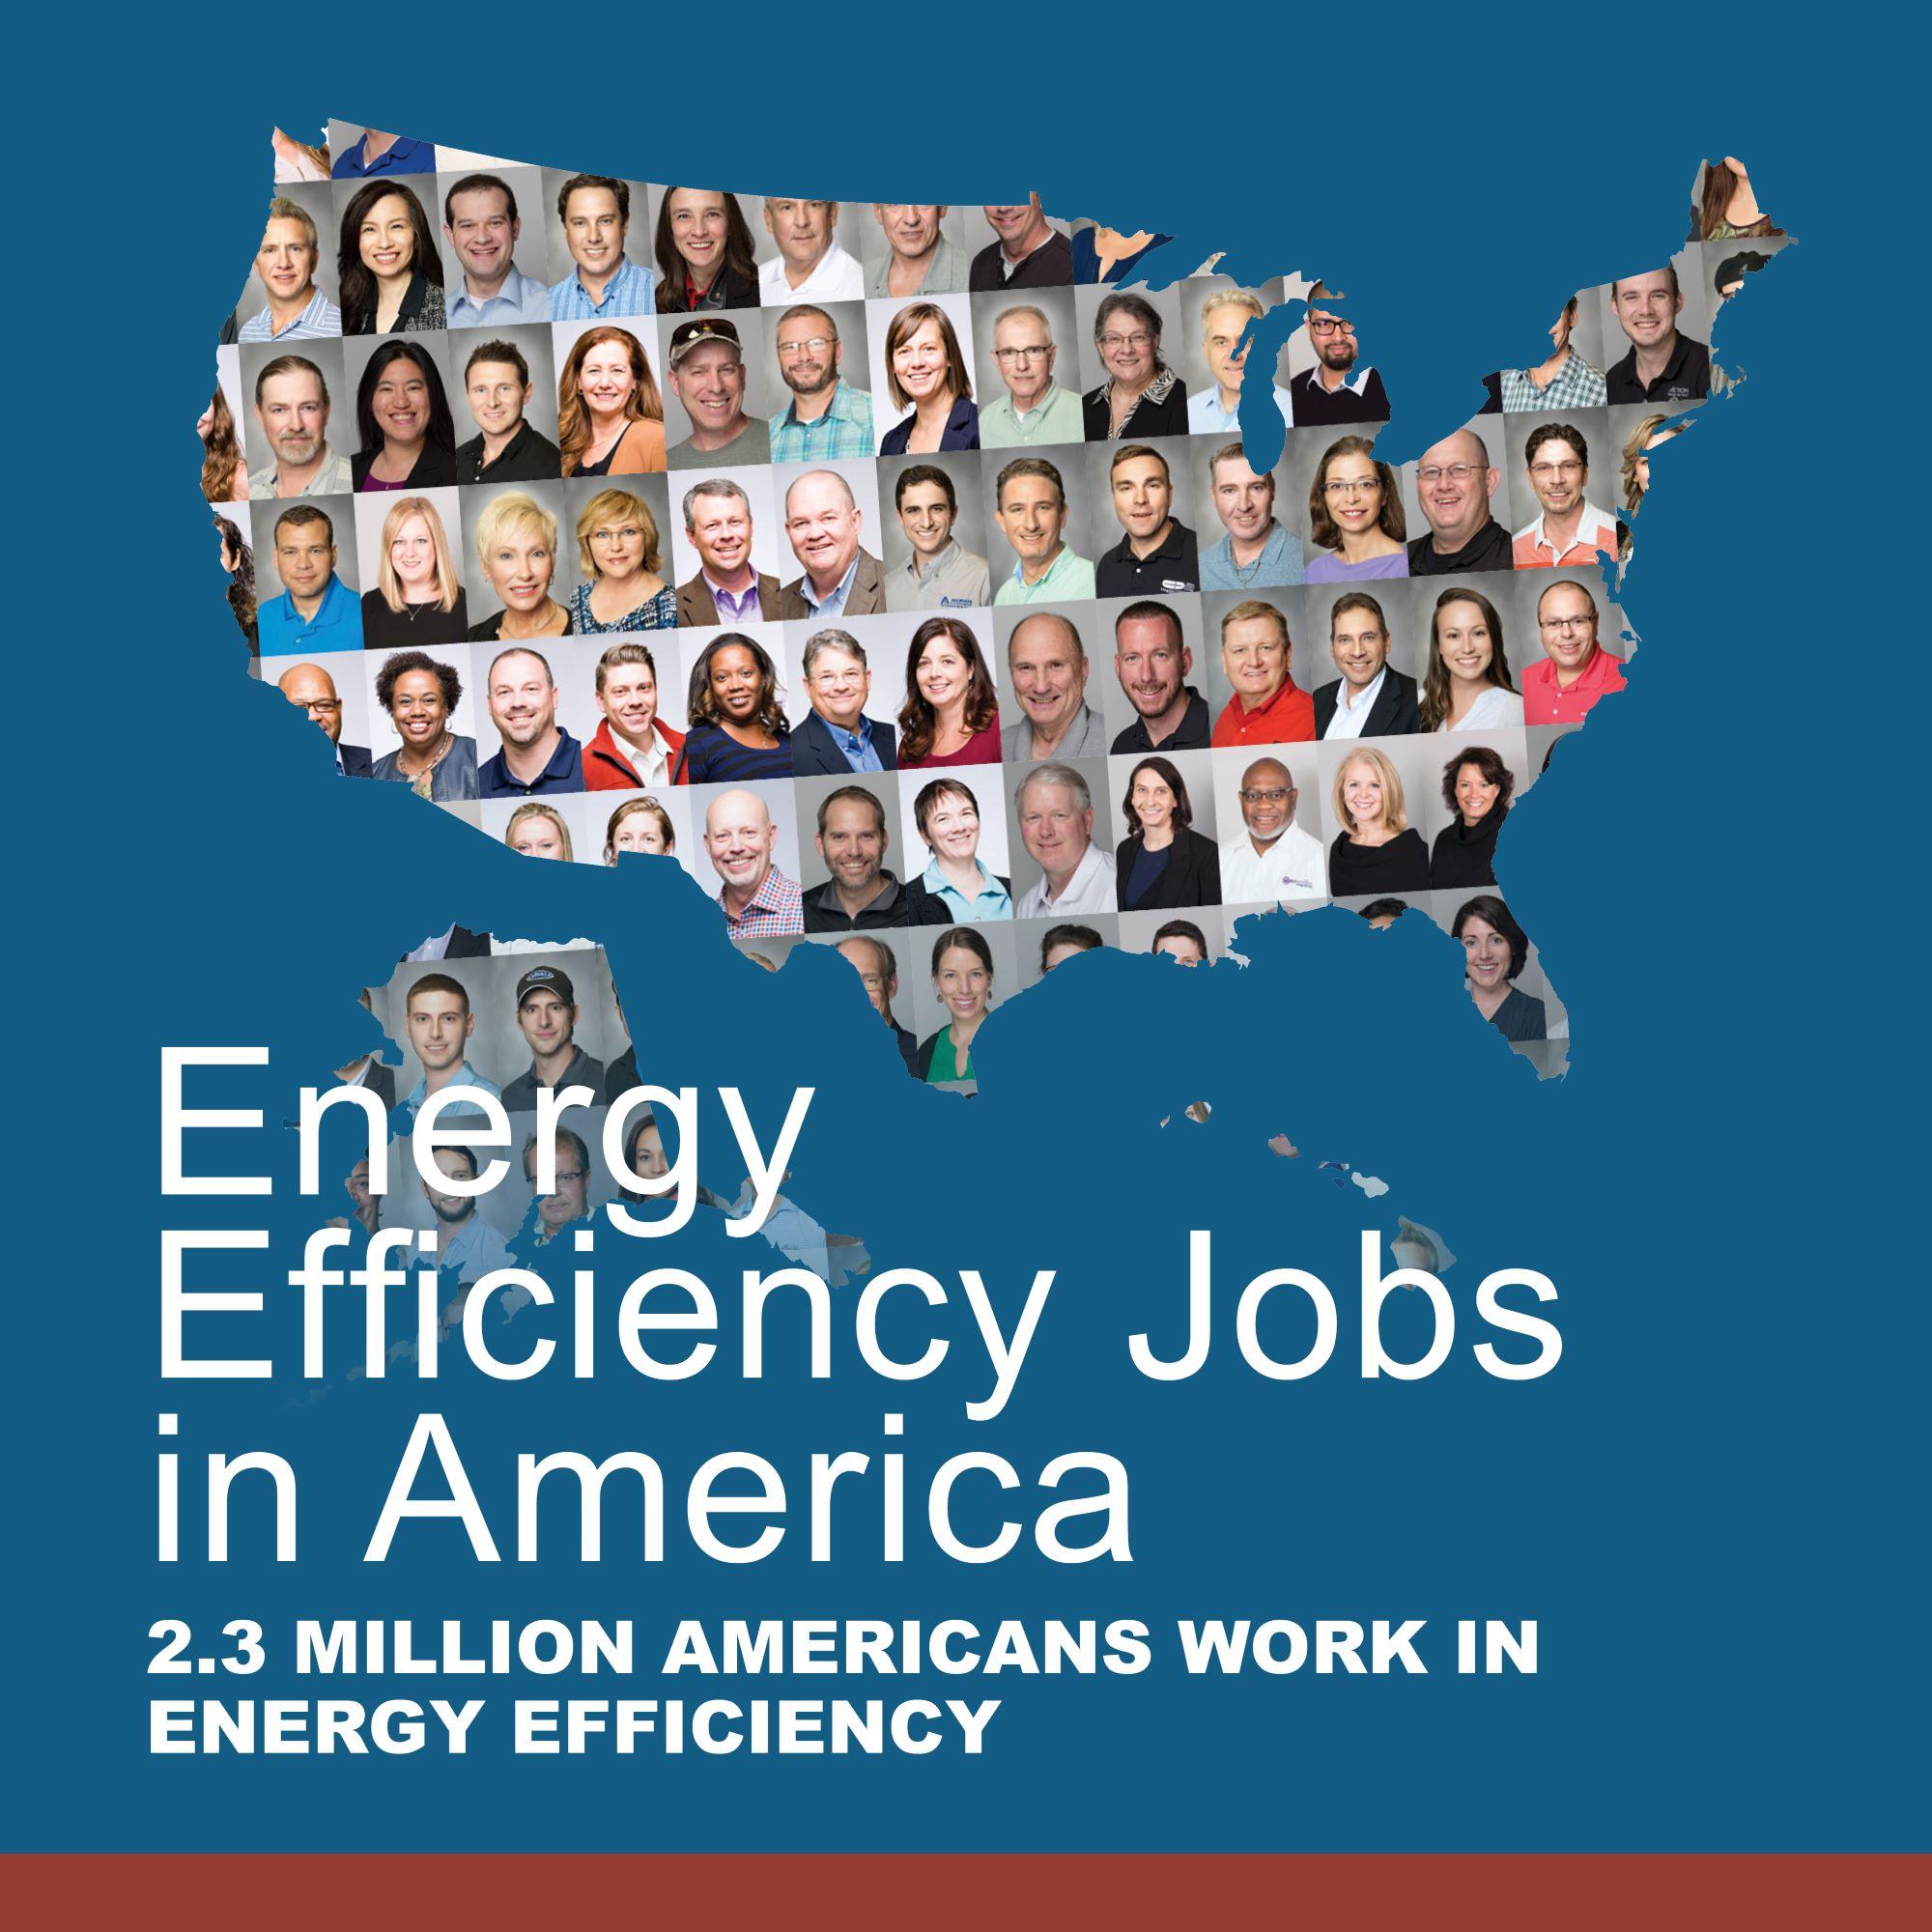 energy efficiency jobs in